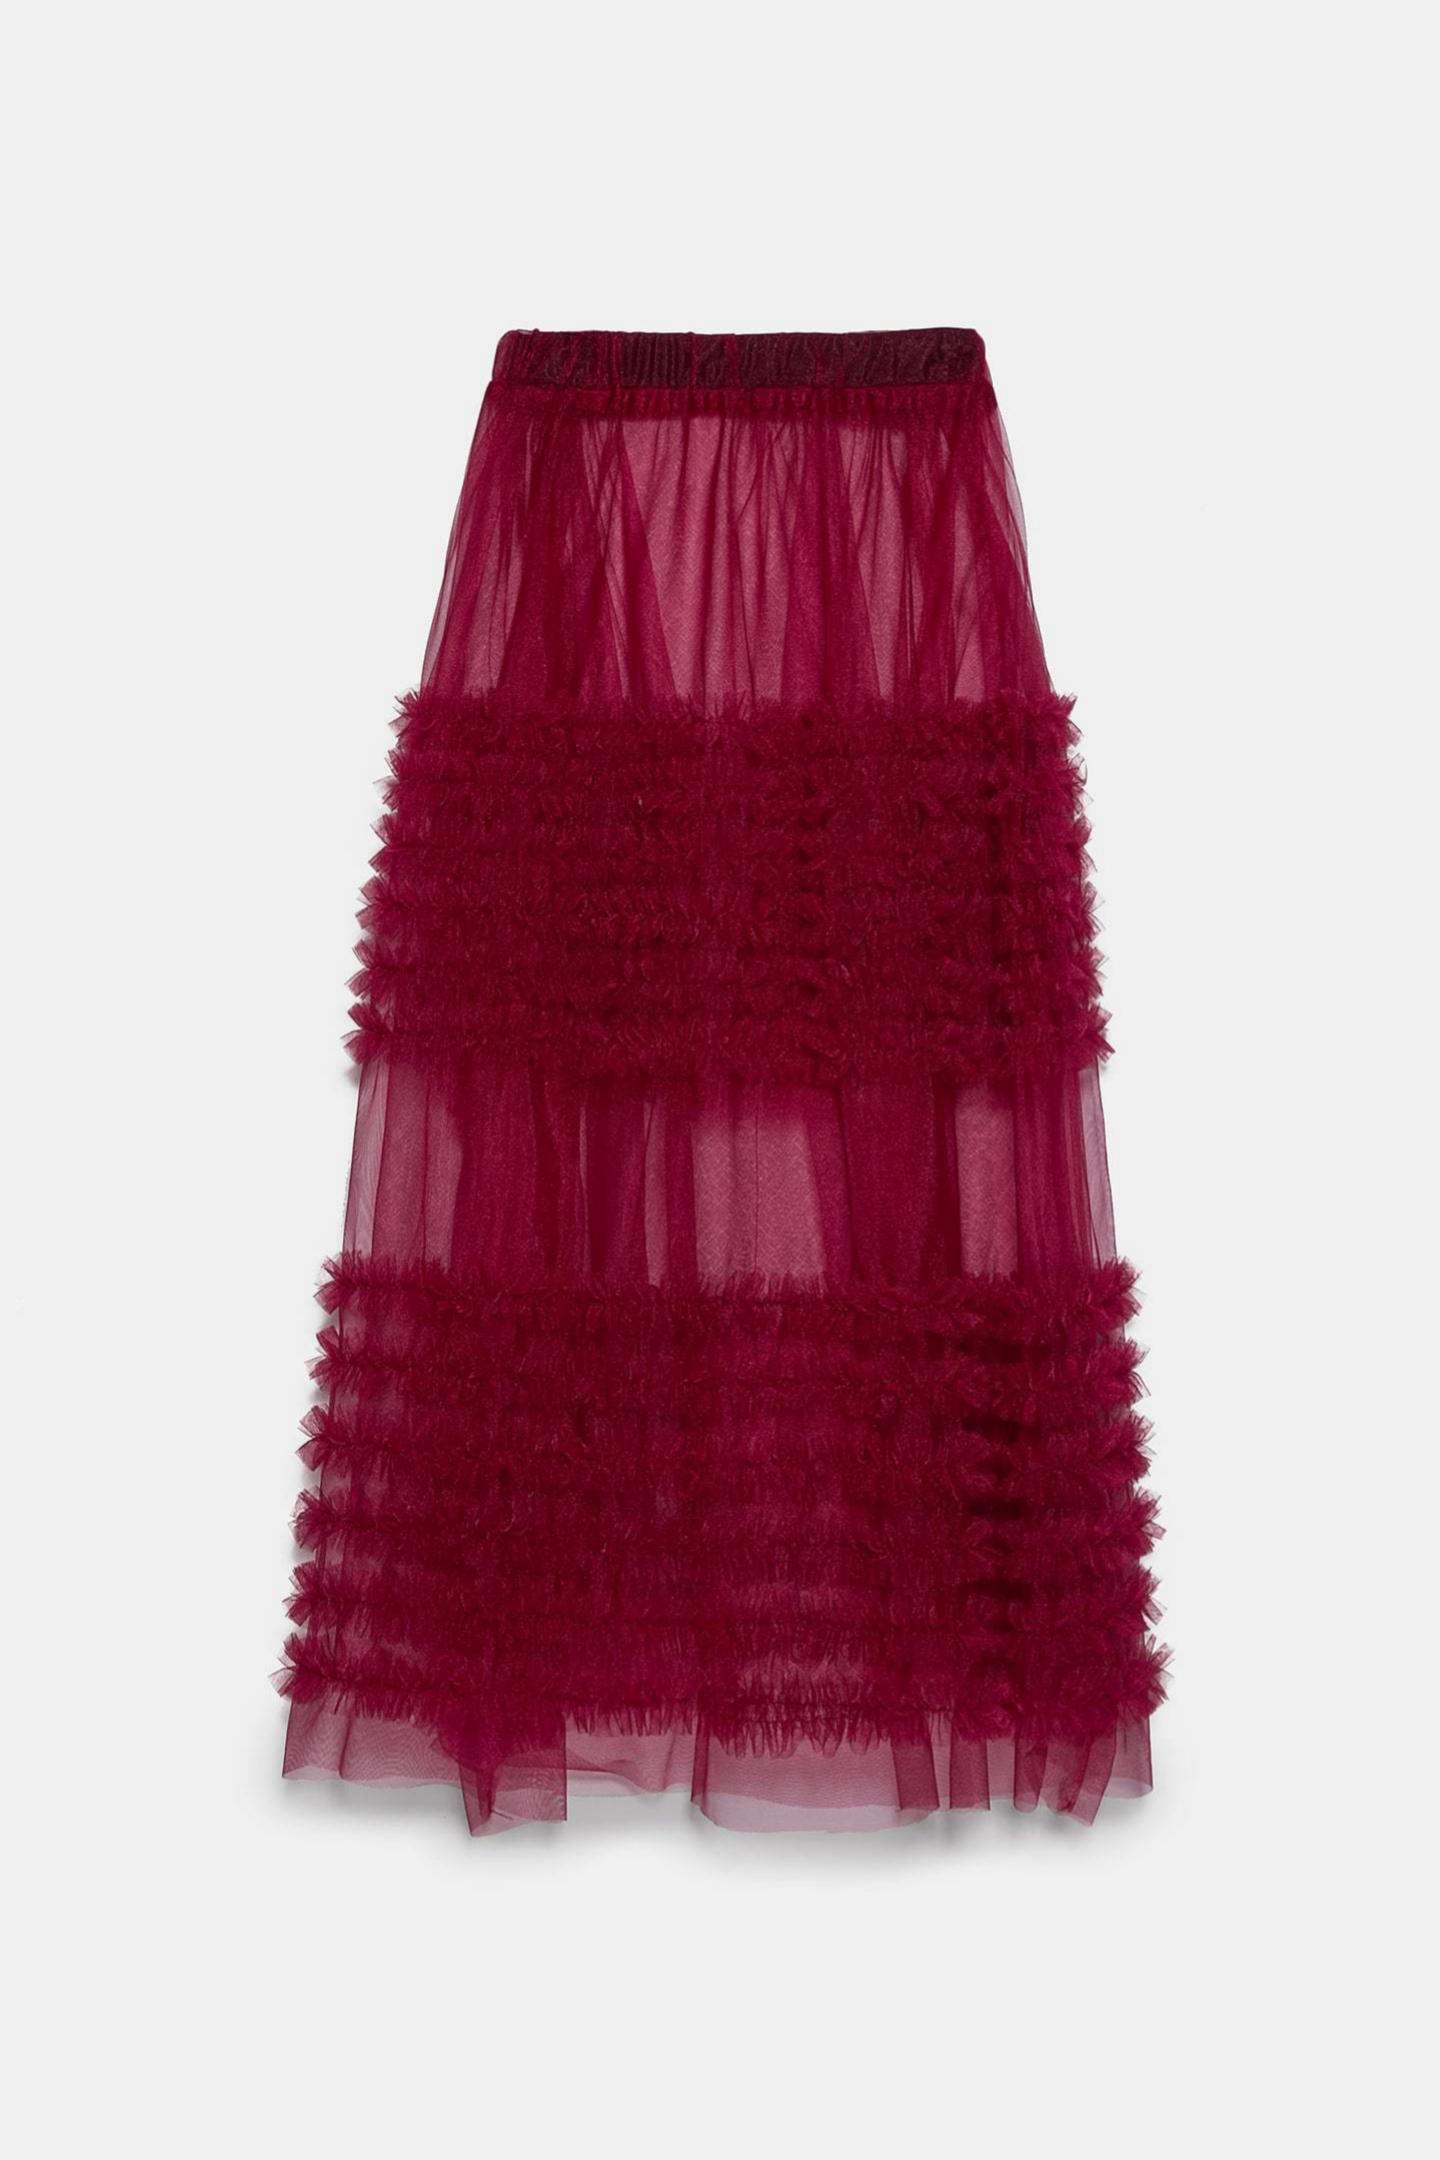 Falda midi de tul con transparencias de Zara (25,95¤)